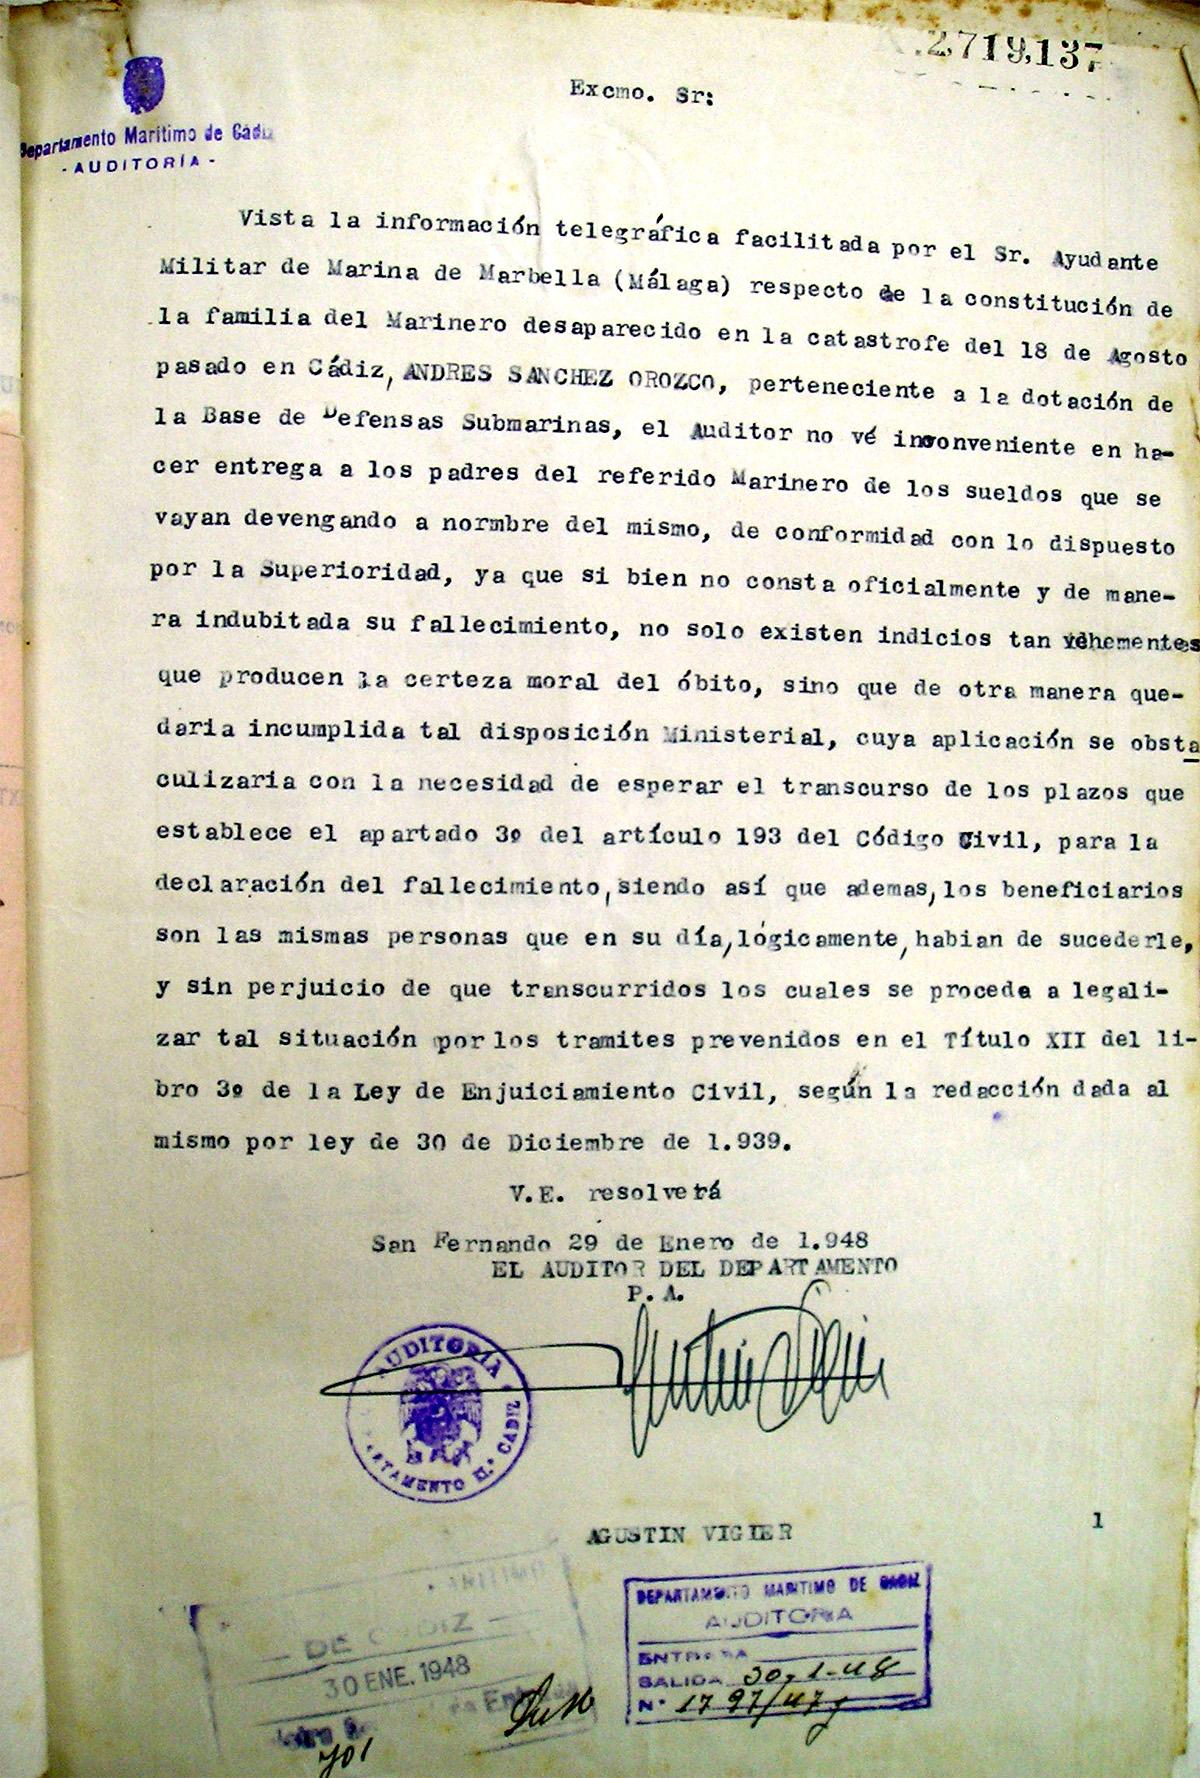 Informe favorable del Auditor del Departamento para que se abonen los haberes del marinero Andrés Sánchez Orozco